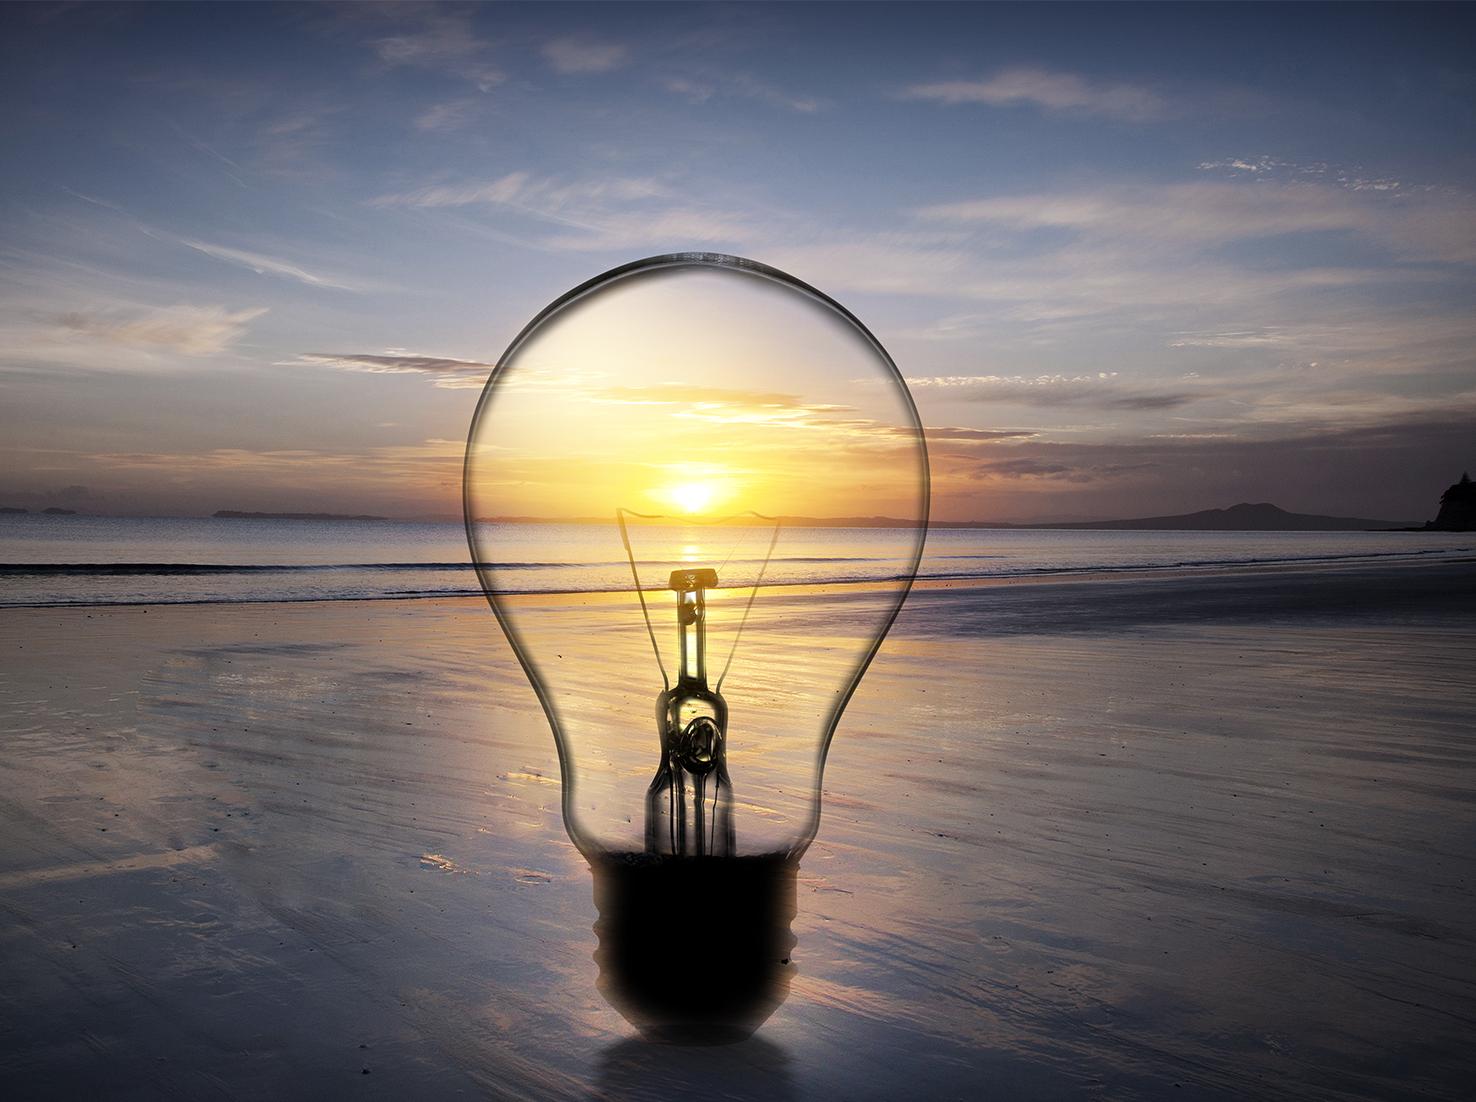 탄소중립 사회로 전환, 에너지전환이 출발점